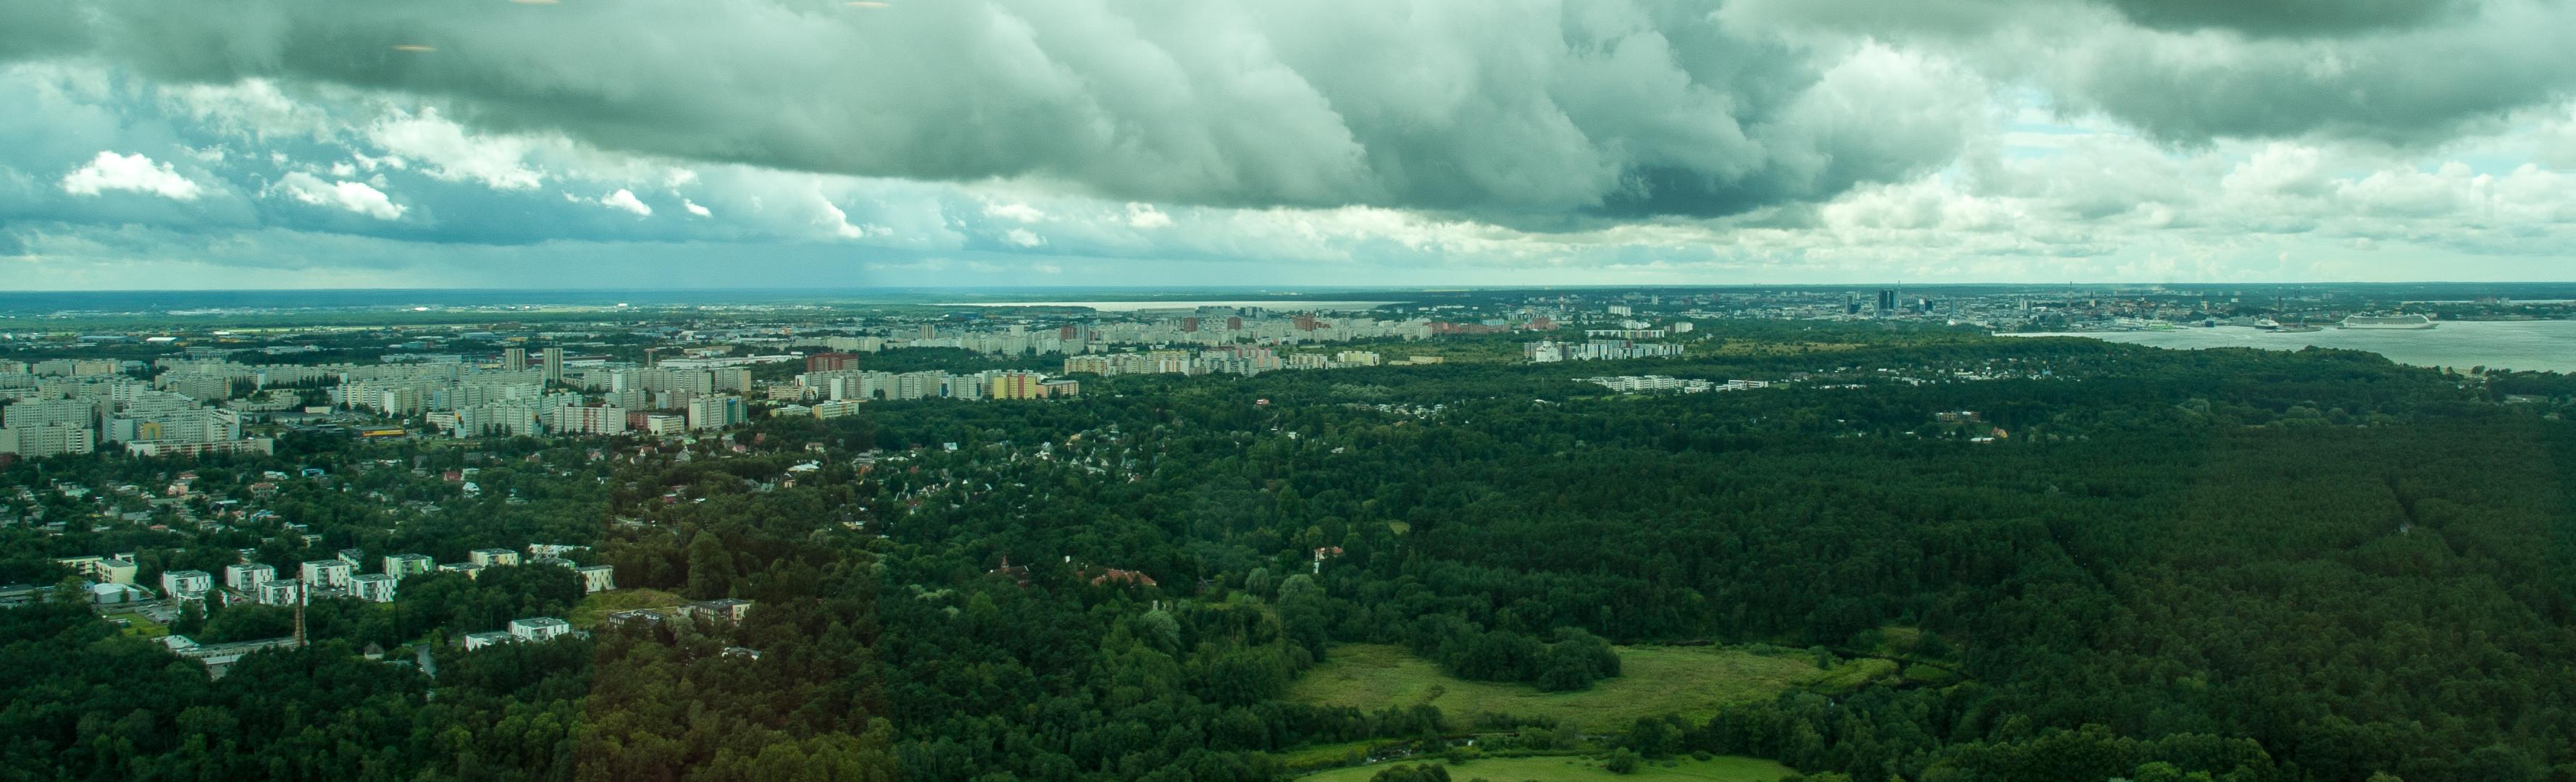 Bild: Die Plattenbausiedlung Lasnamäe - ein Stadtteil von Tallinn - von der Besucherplattform des Fernsehturmes aus gesehen. Klicken Sie auf das Bild um es zu vergrößern.